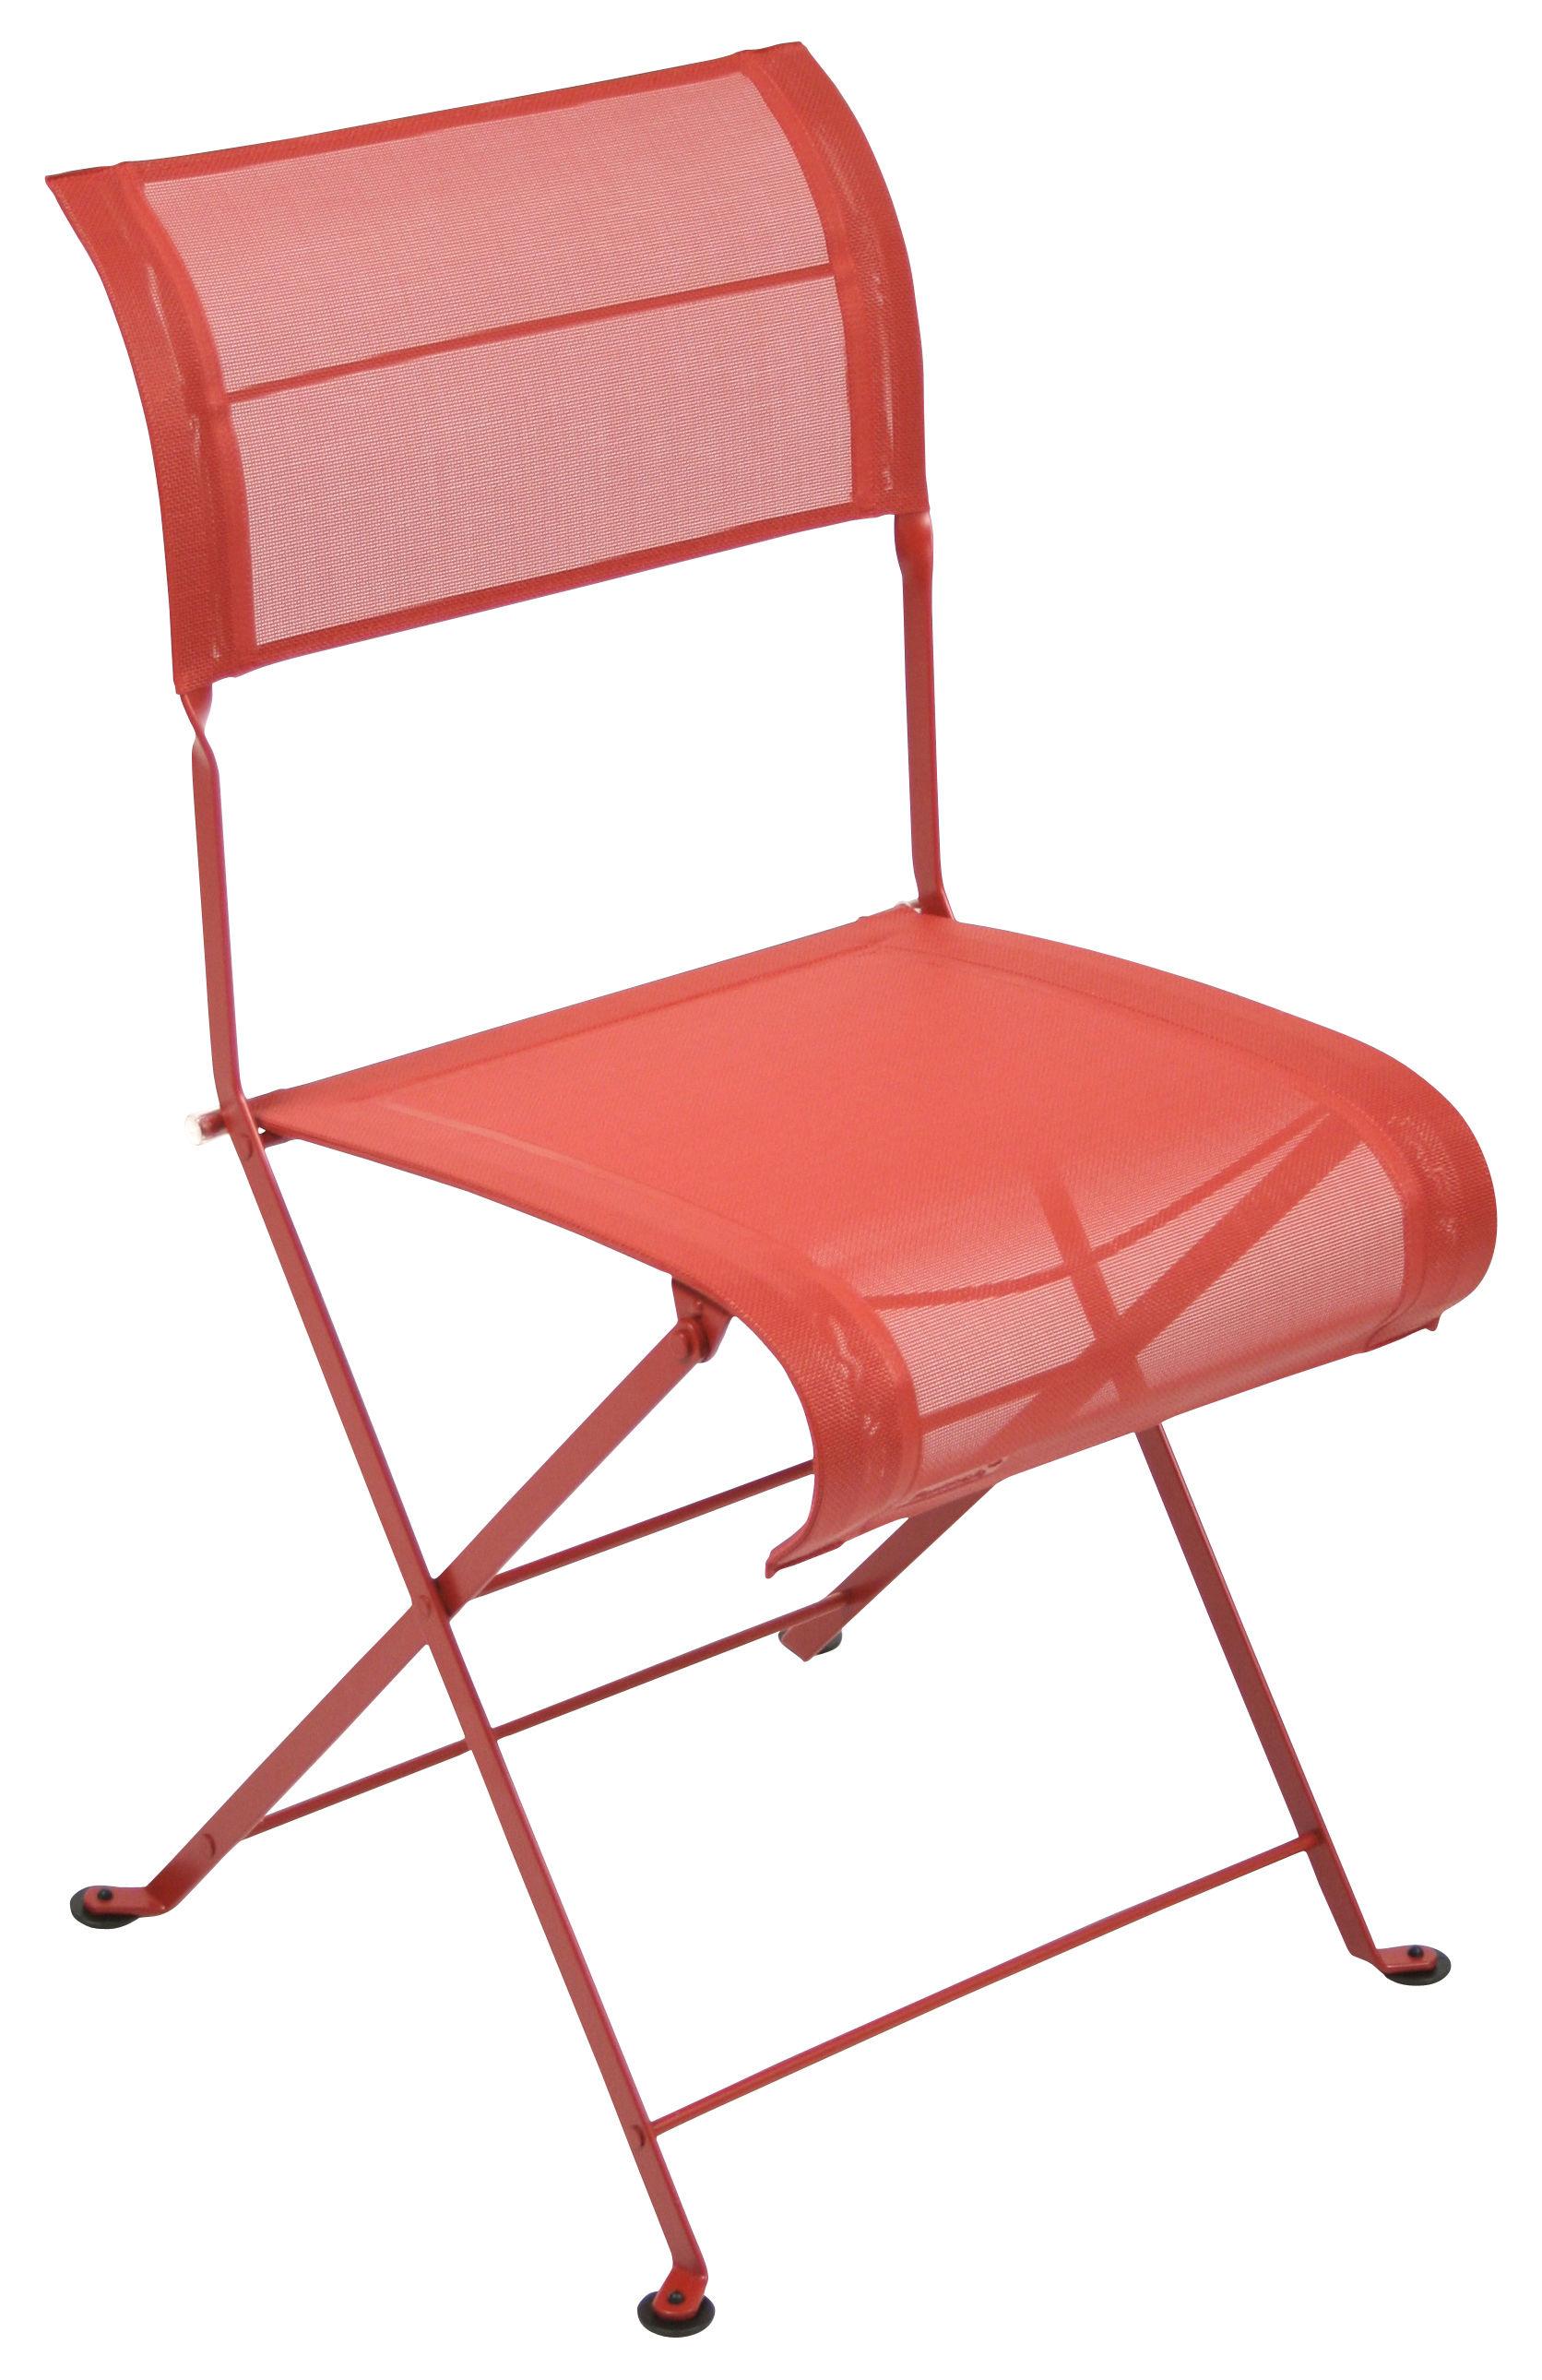 Chaise pliante dune toile coquelicot fermob - Chaise pliante en toile ...